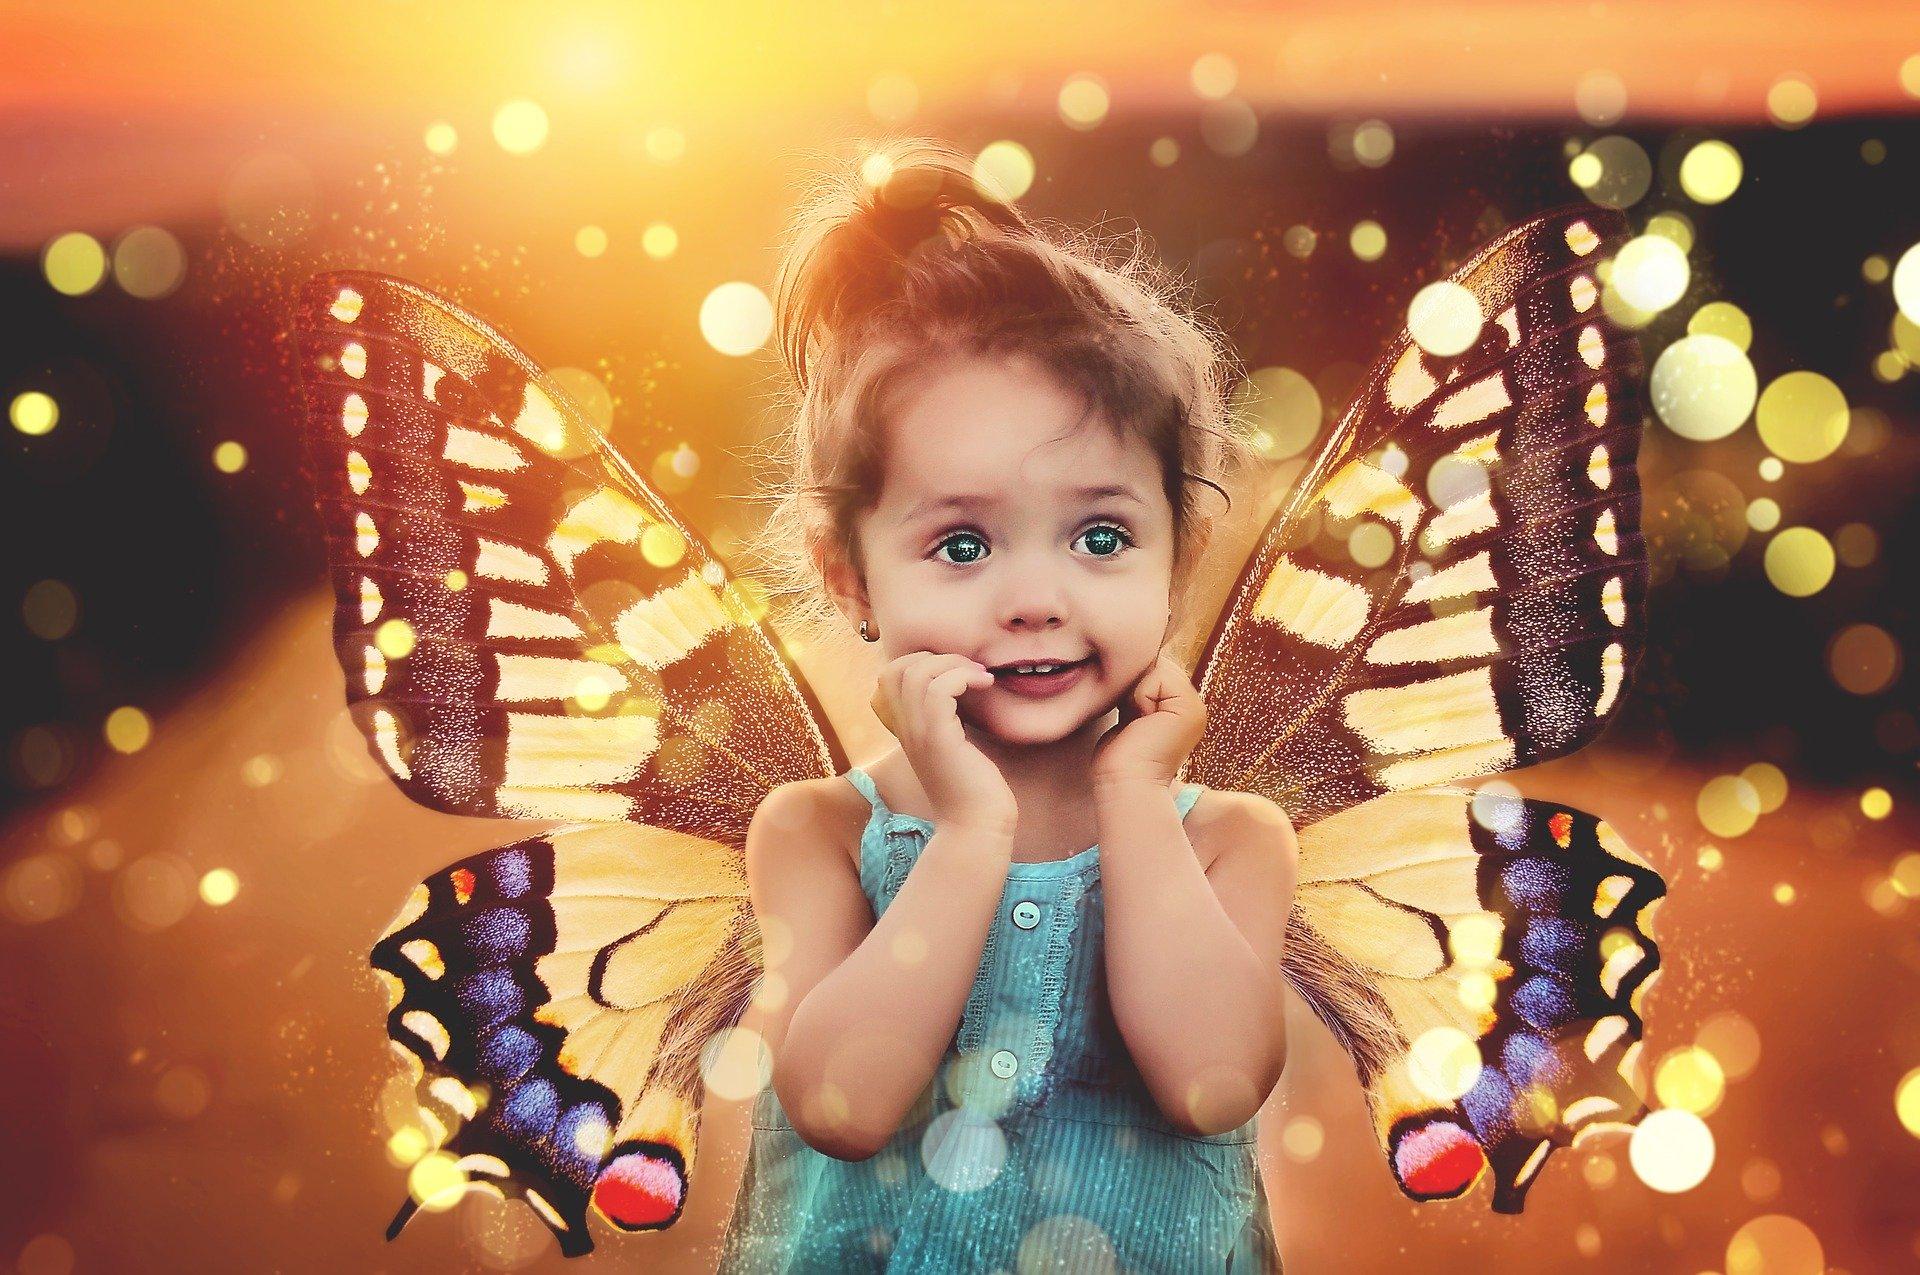 child-2443969_1920jpg